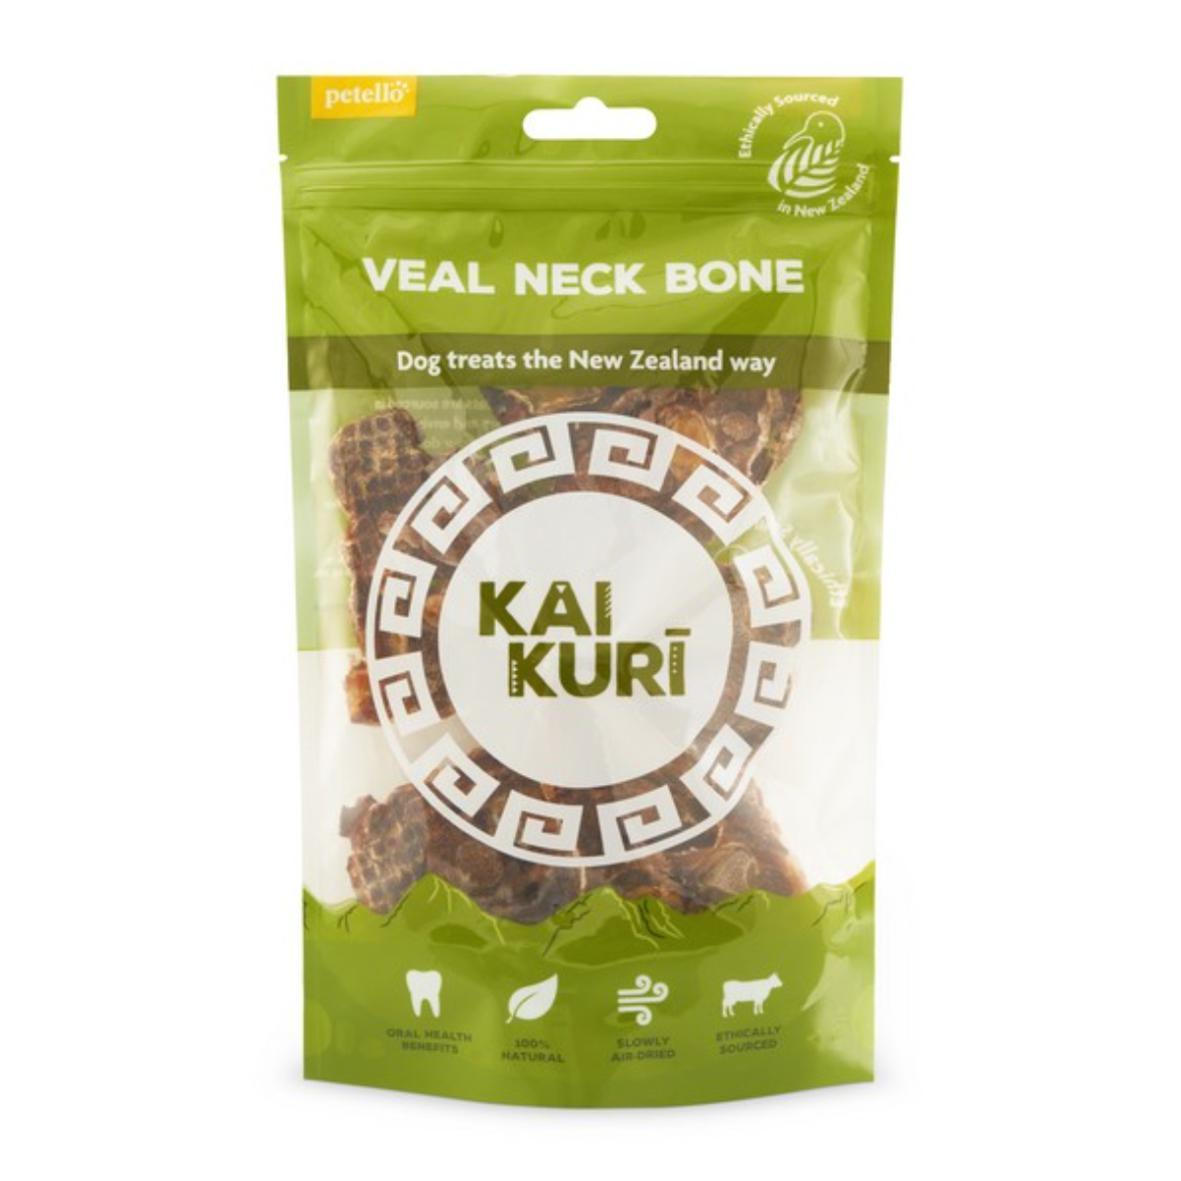 Kai Kuri Veal Neck Bone Slices 100g